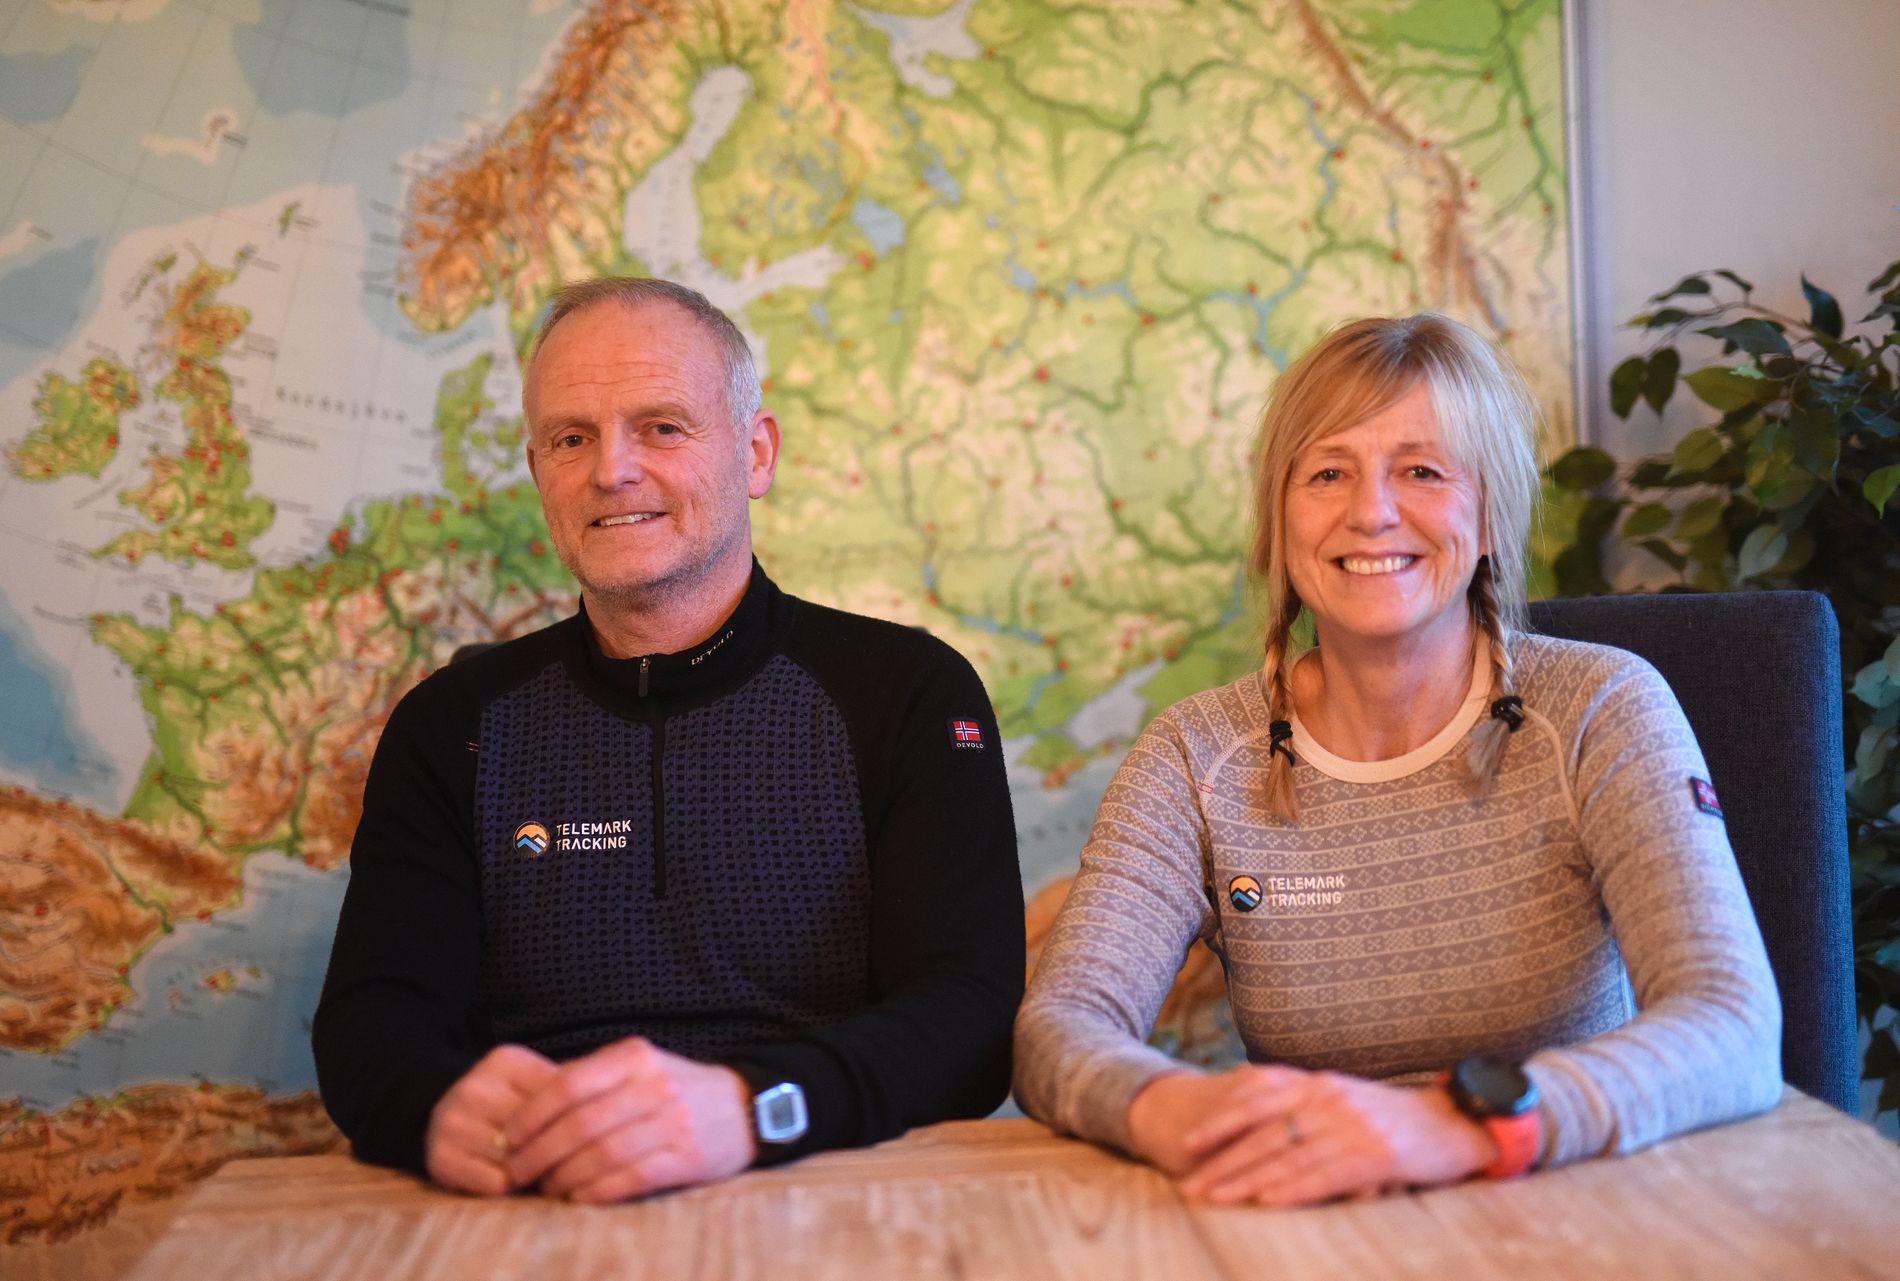 PAR PÅ TOPPEN: Tone Gravir og Leif Harald Bergseth er det eldste ekteparet som har besteget Mount Everest.